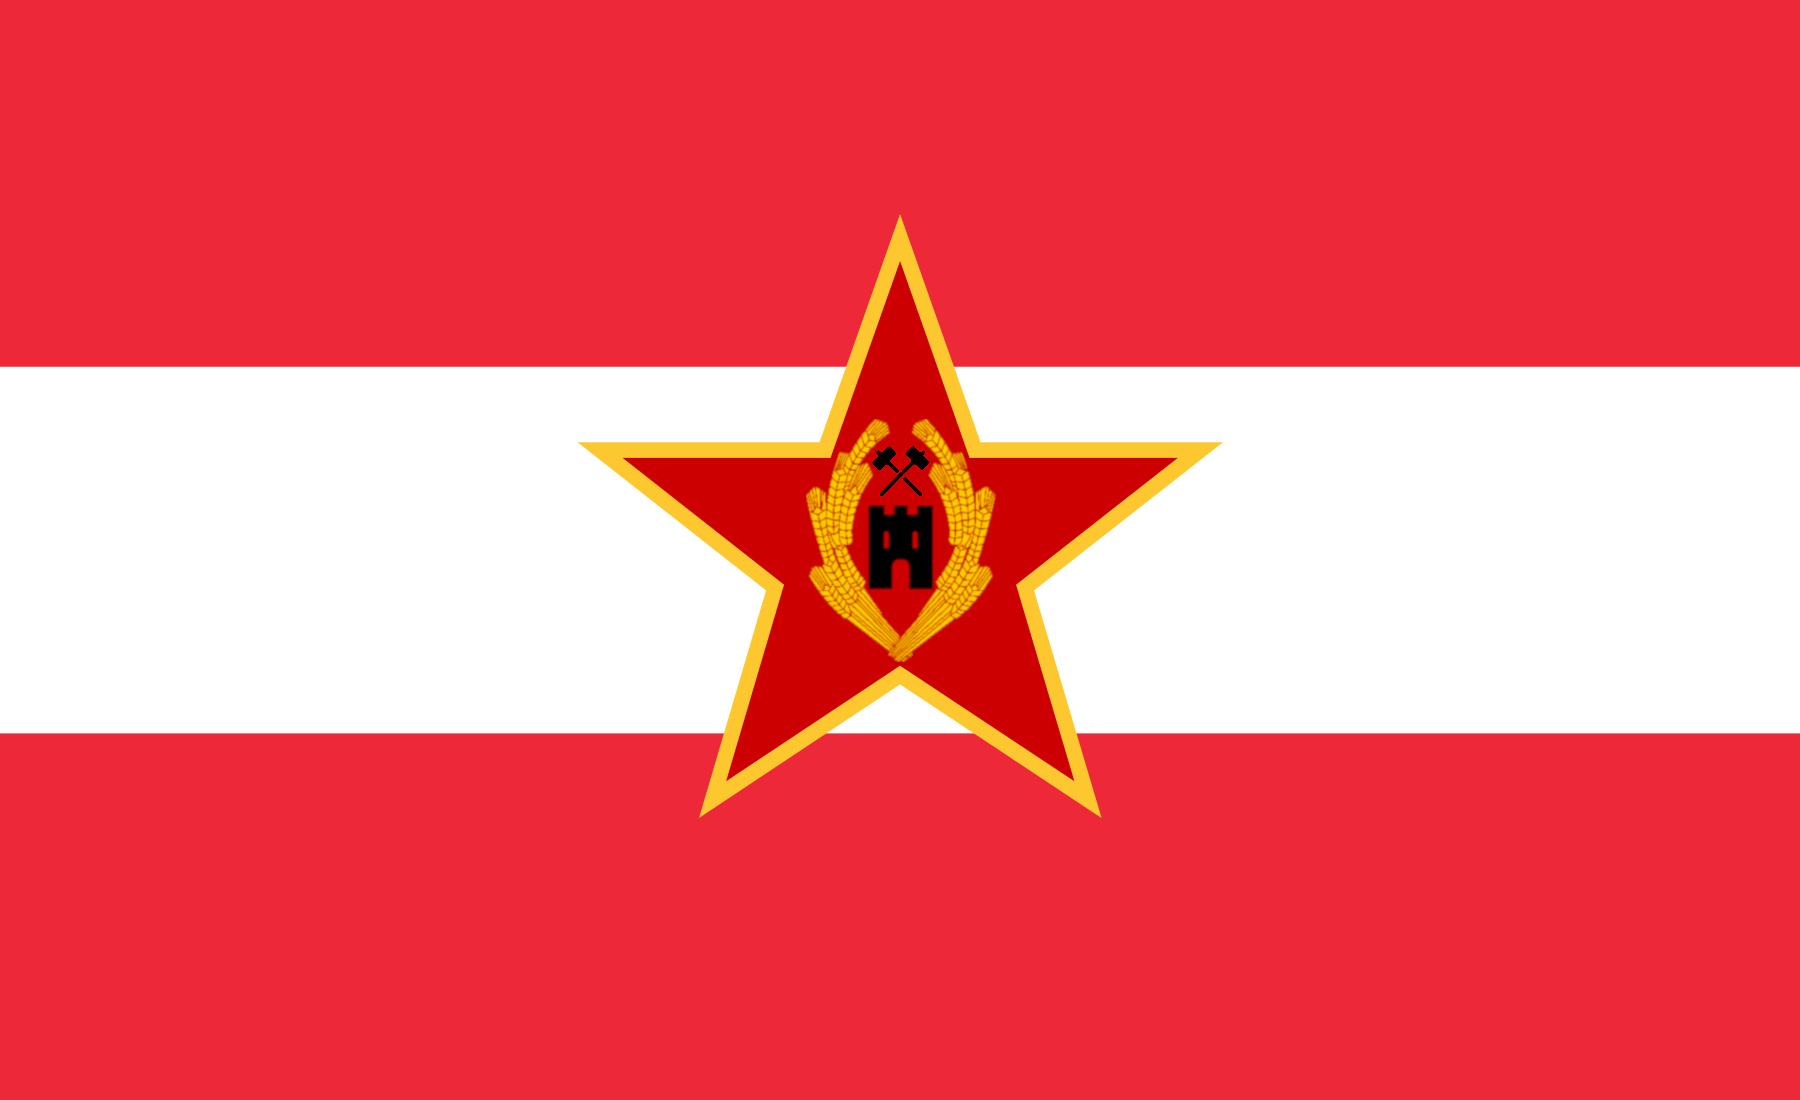 austriacom.png